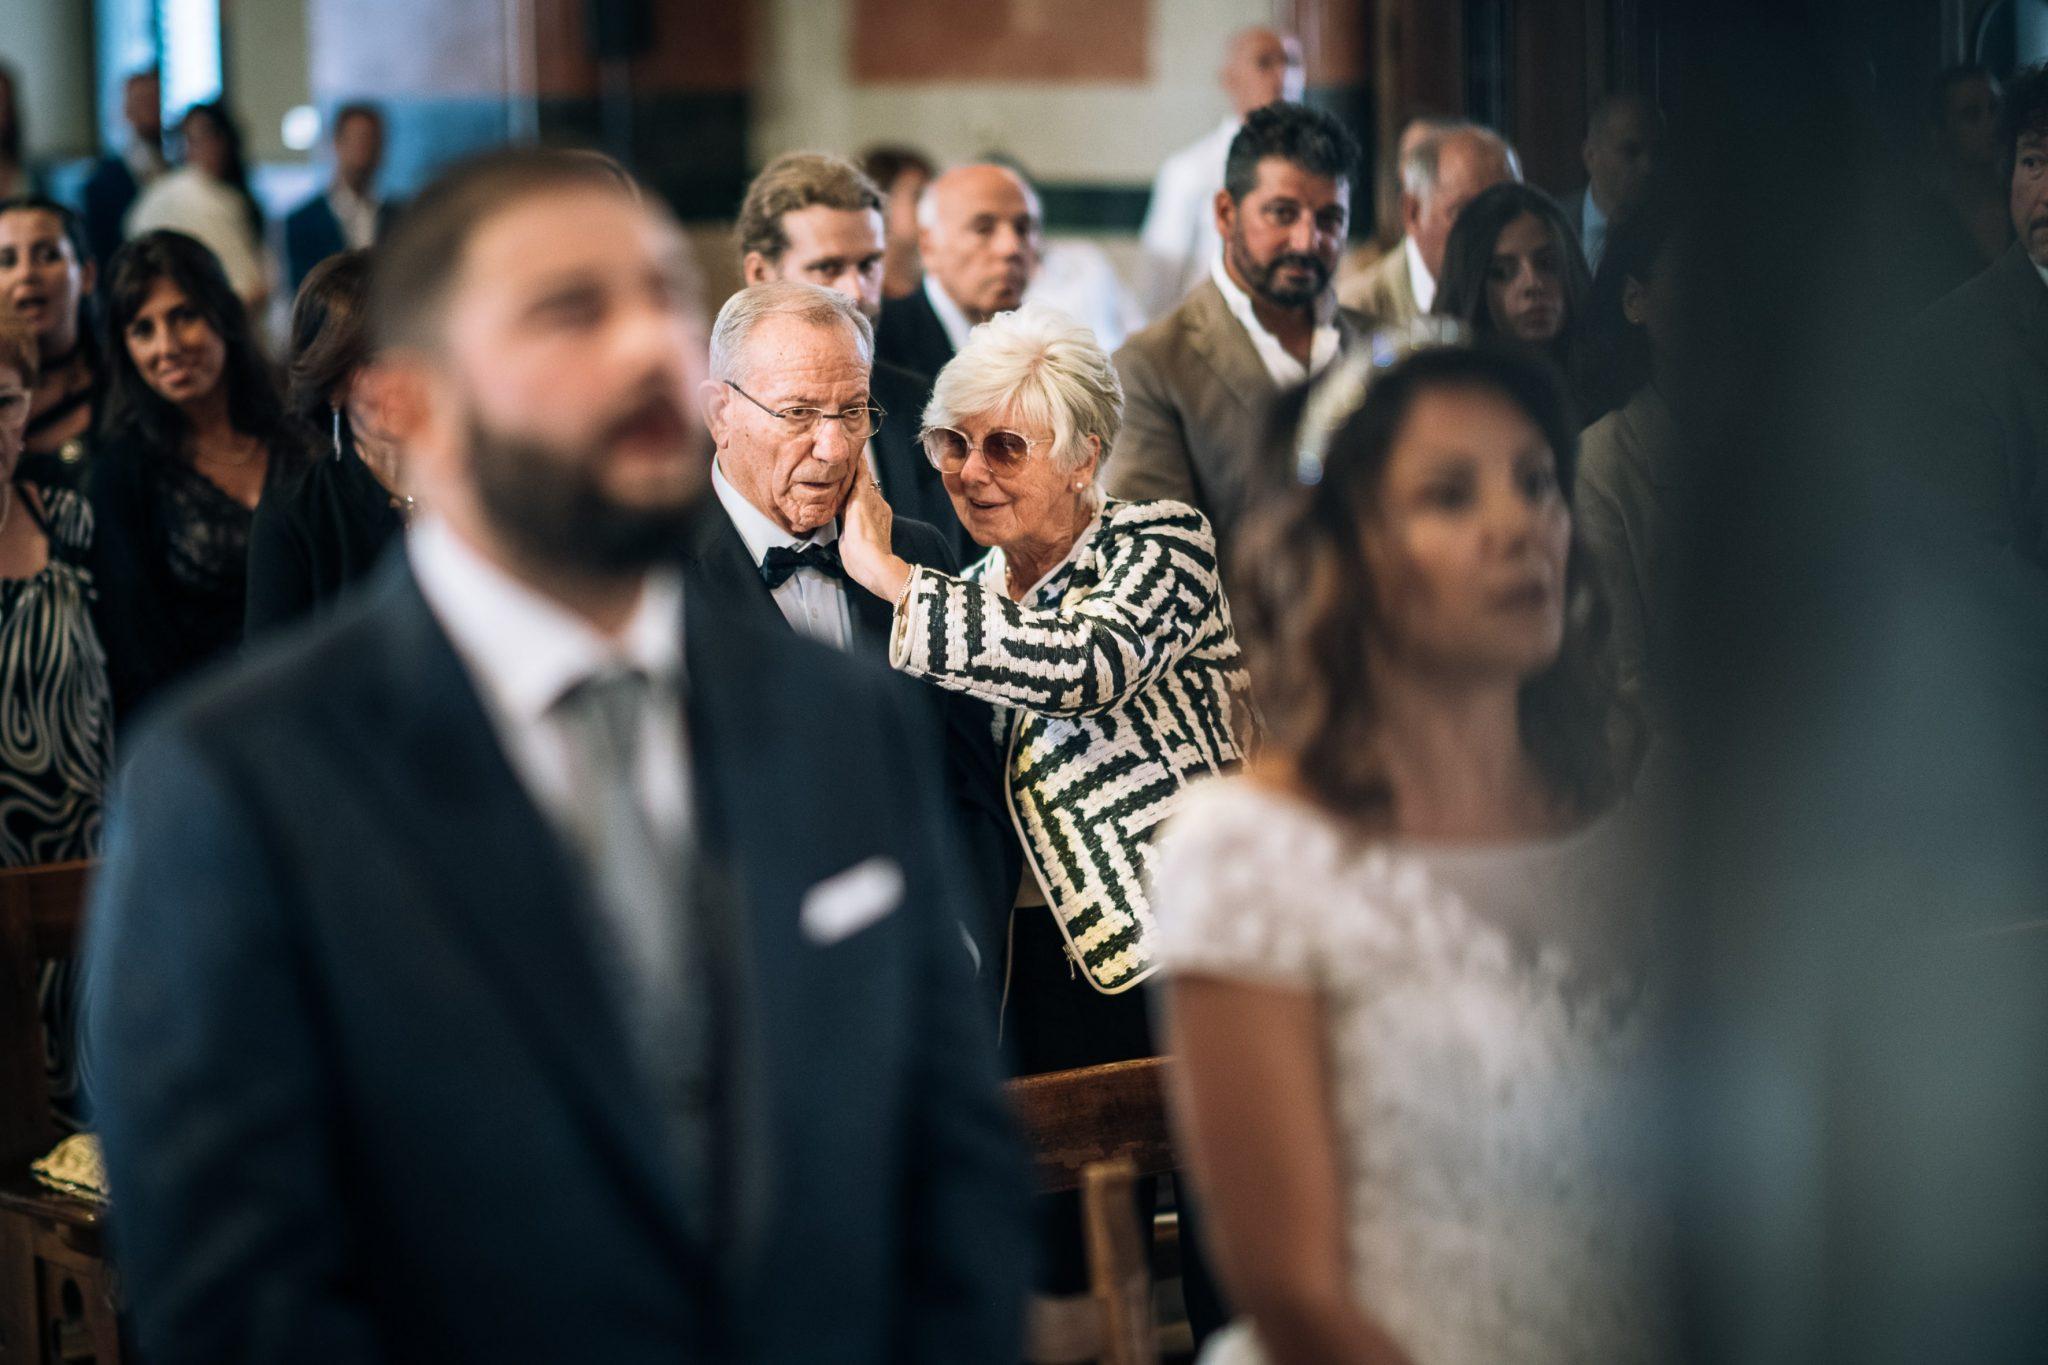 una coppia di invitati anziani si scambia una carezza durante la cerimonia